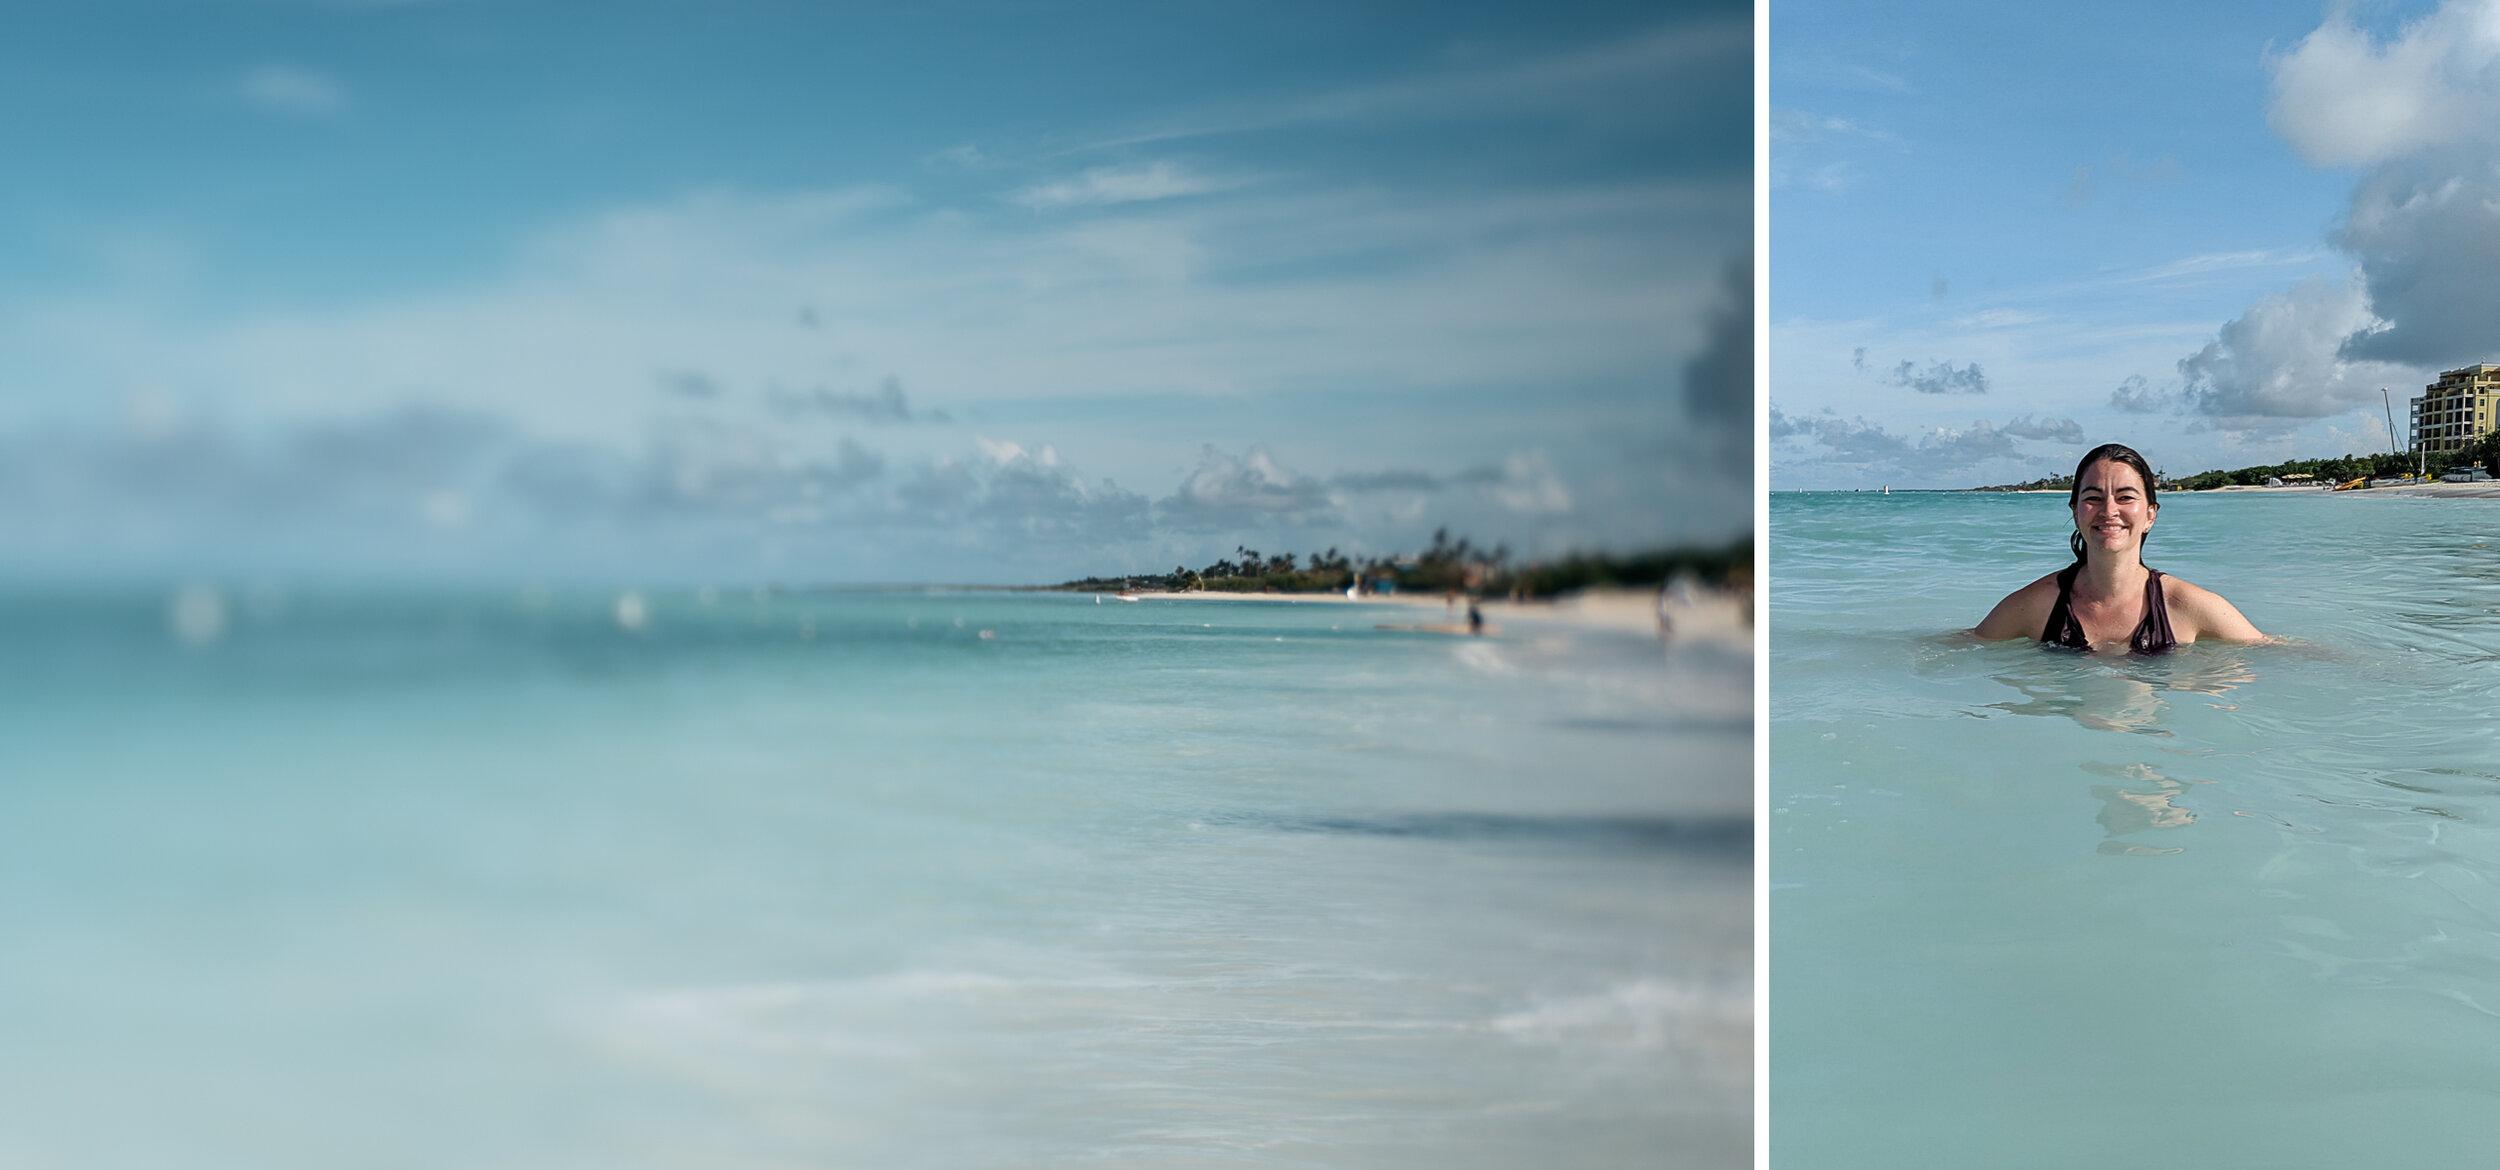 ARuba beaches swimming.jpg